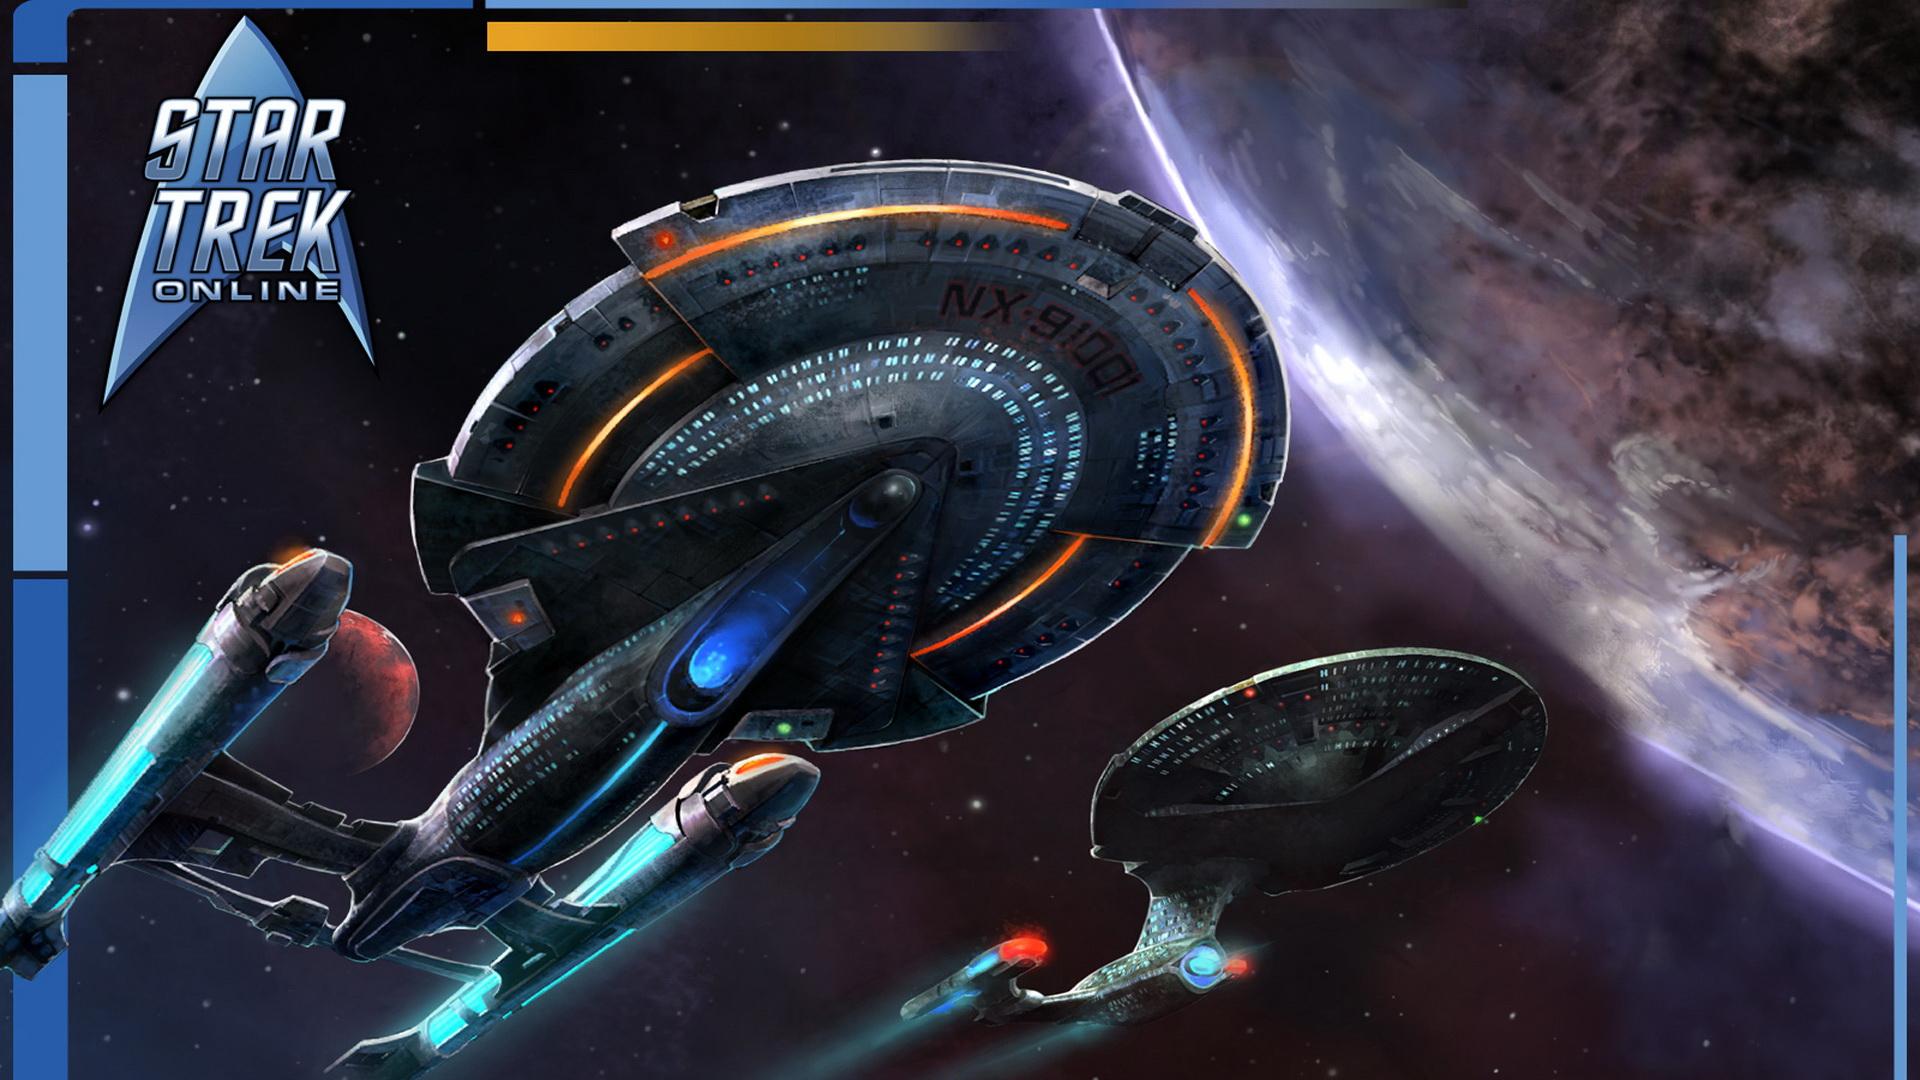 1920x1080 Hd Star Trek Online 1600 X 1000 189 Kb Jpeg HD Wallpapers 1920x1080